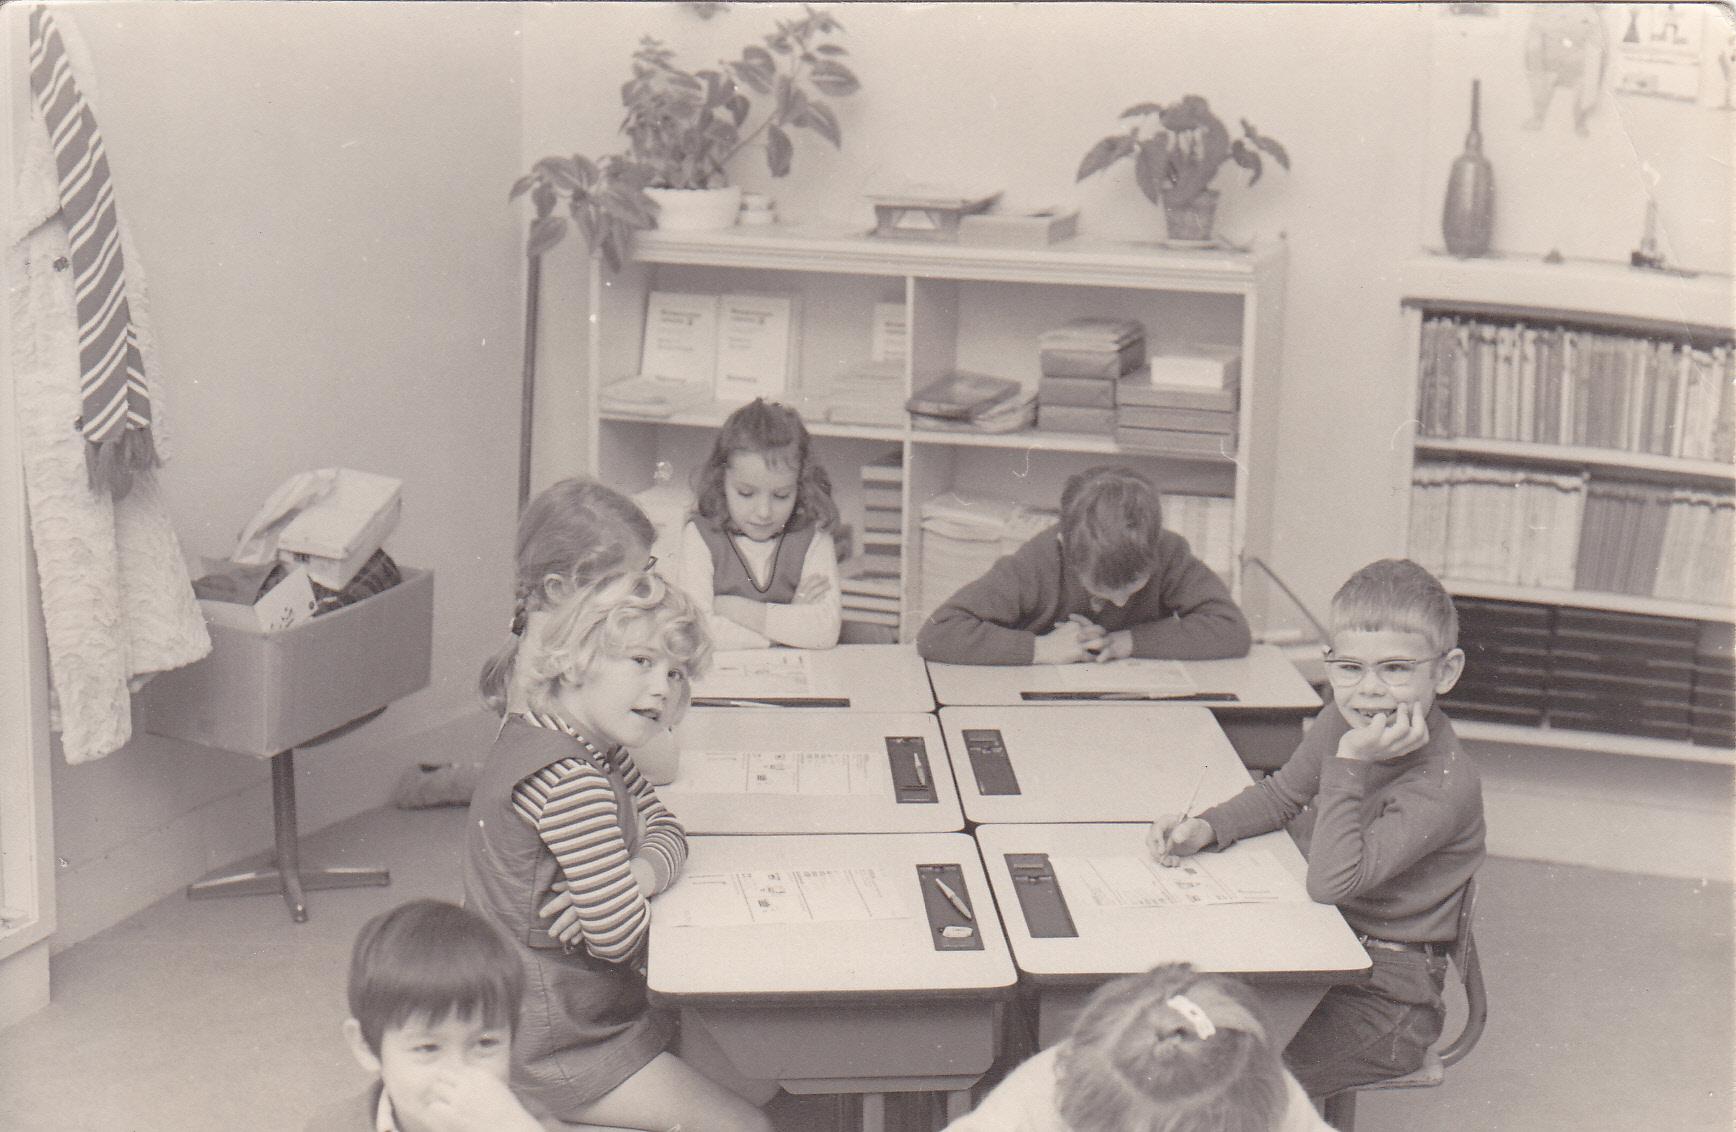 st josefschool foto